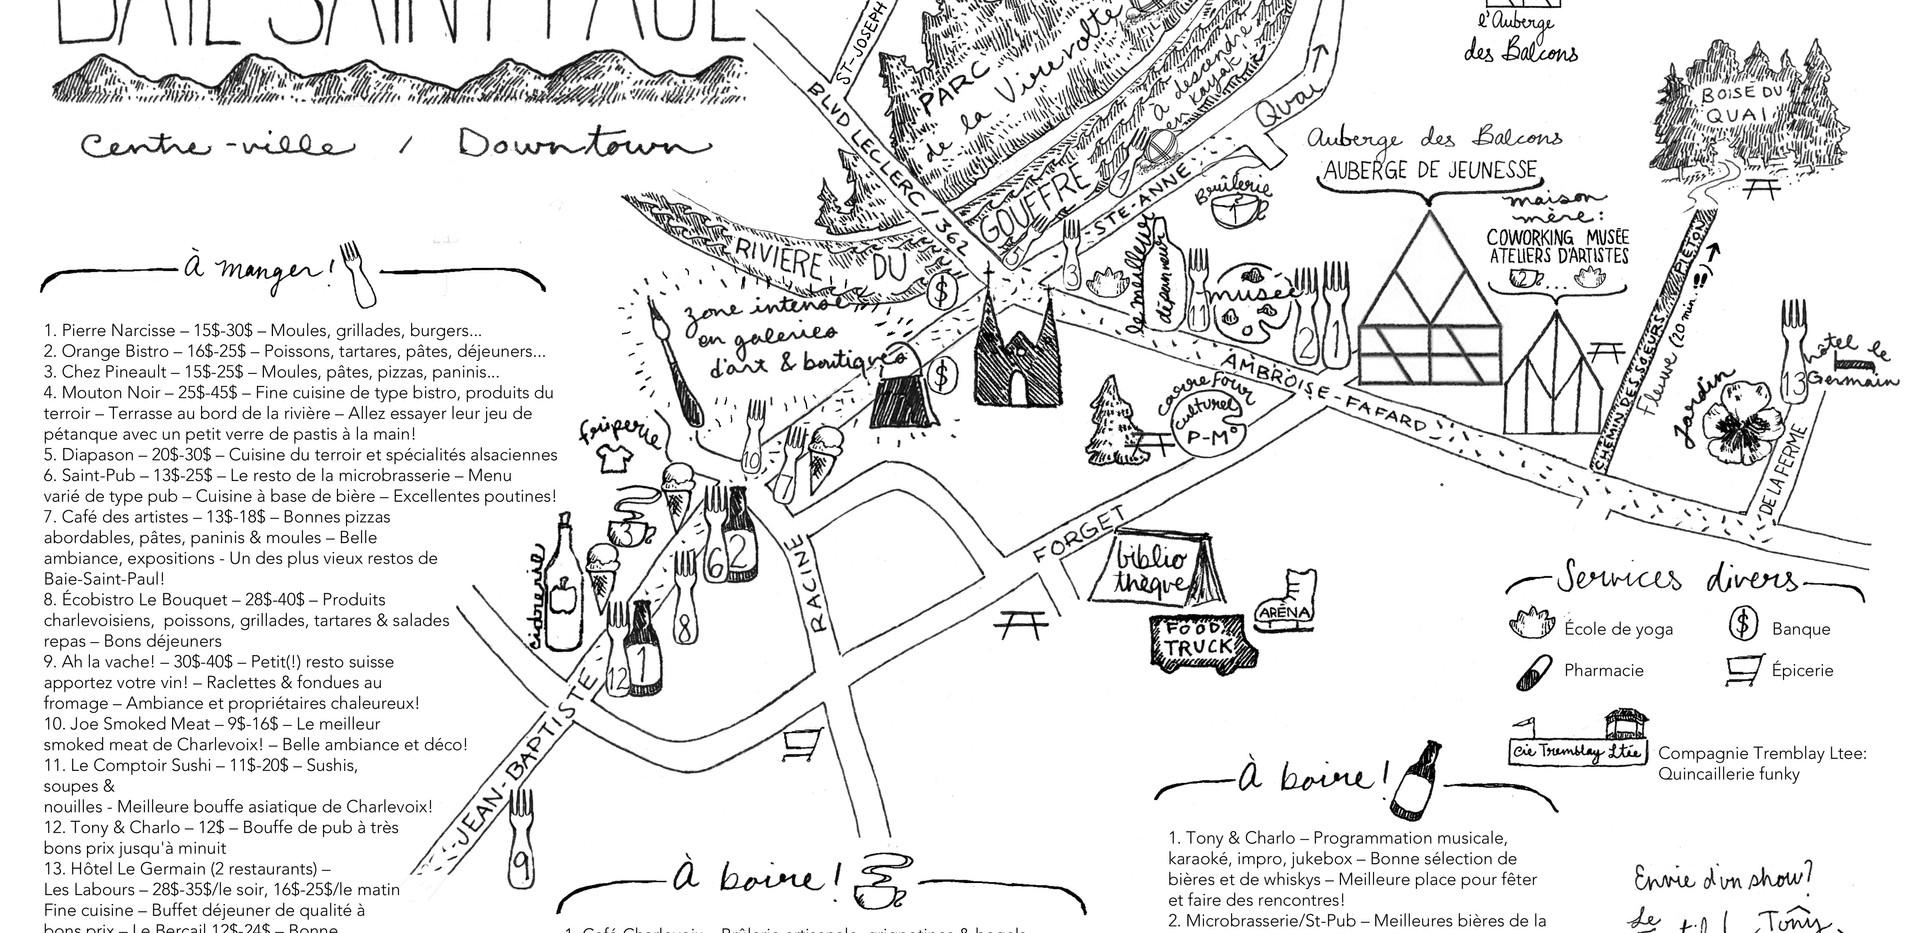 Carte_du_CENTRE-VILLE_version_terminée_7